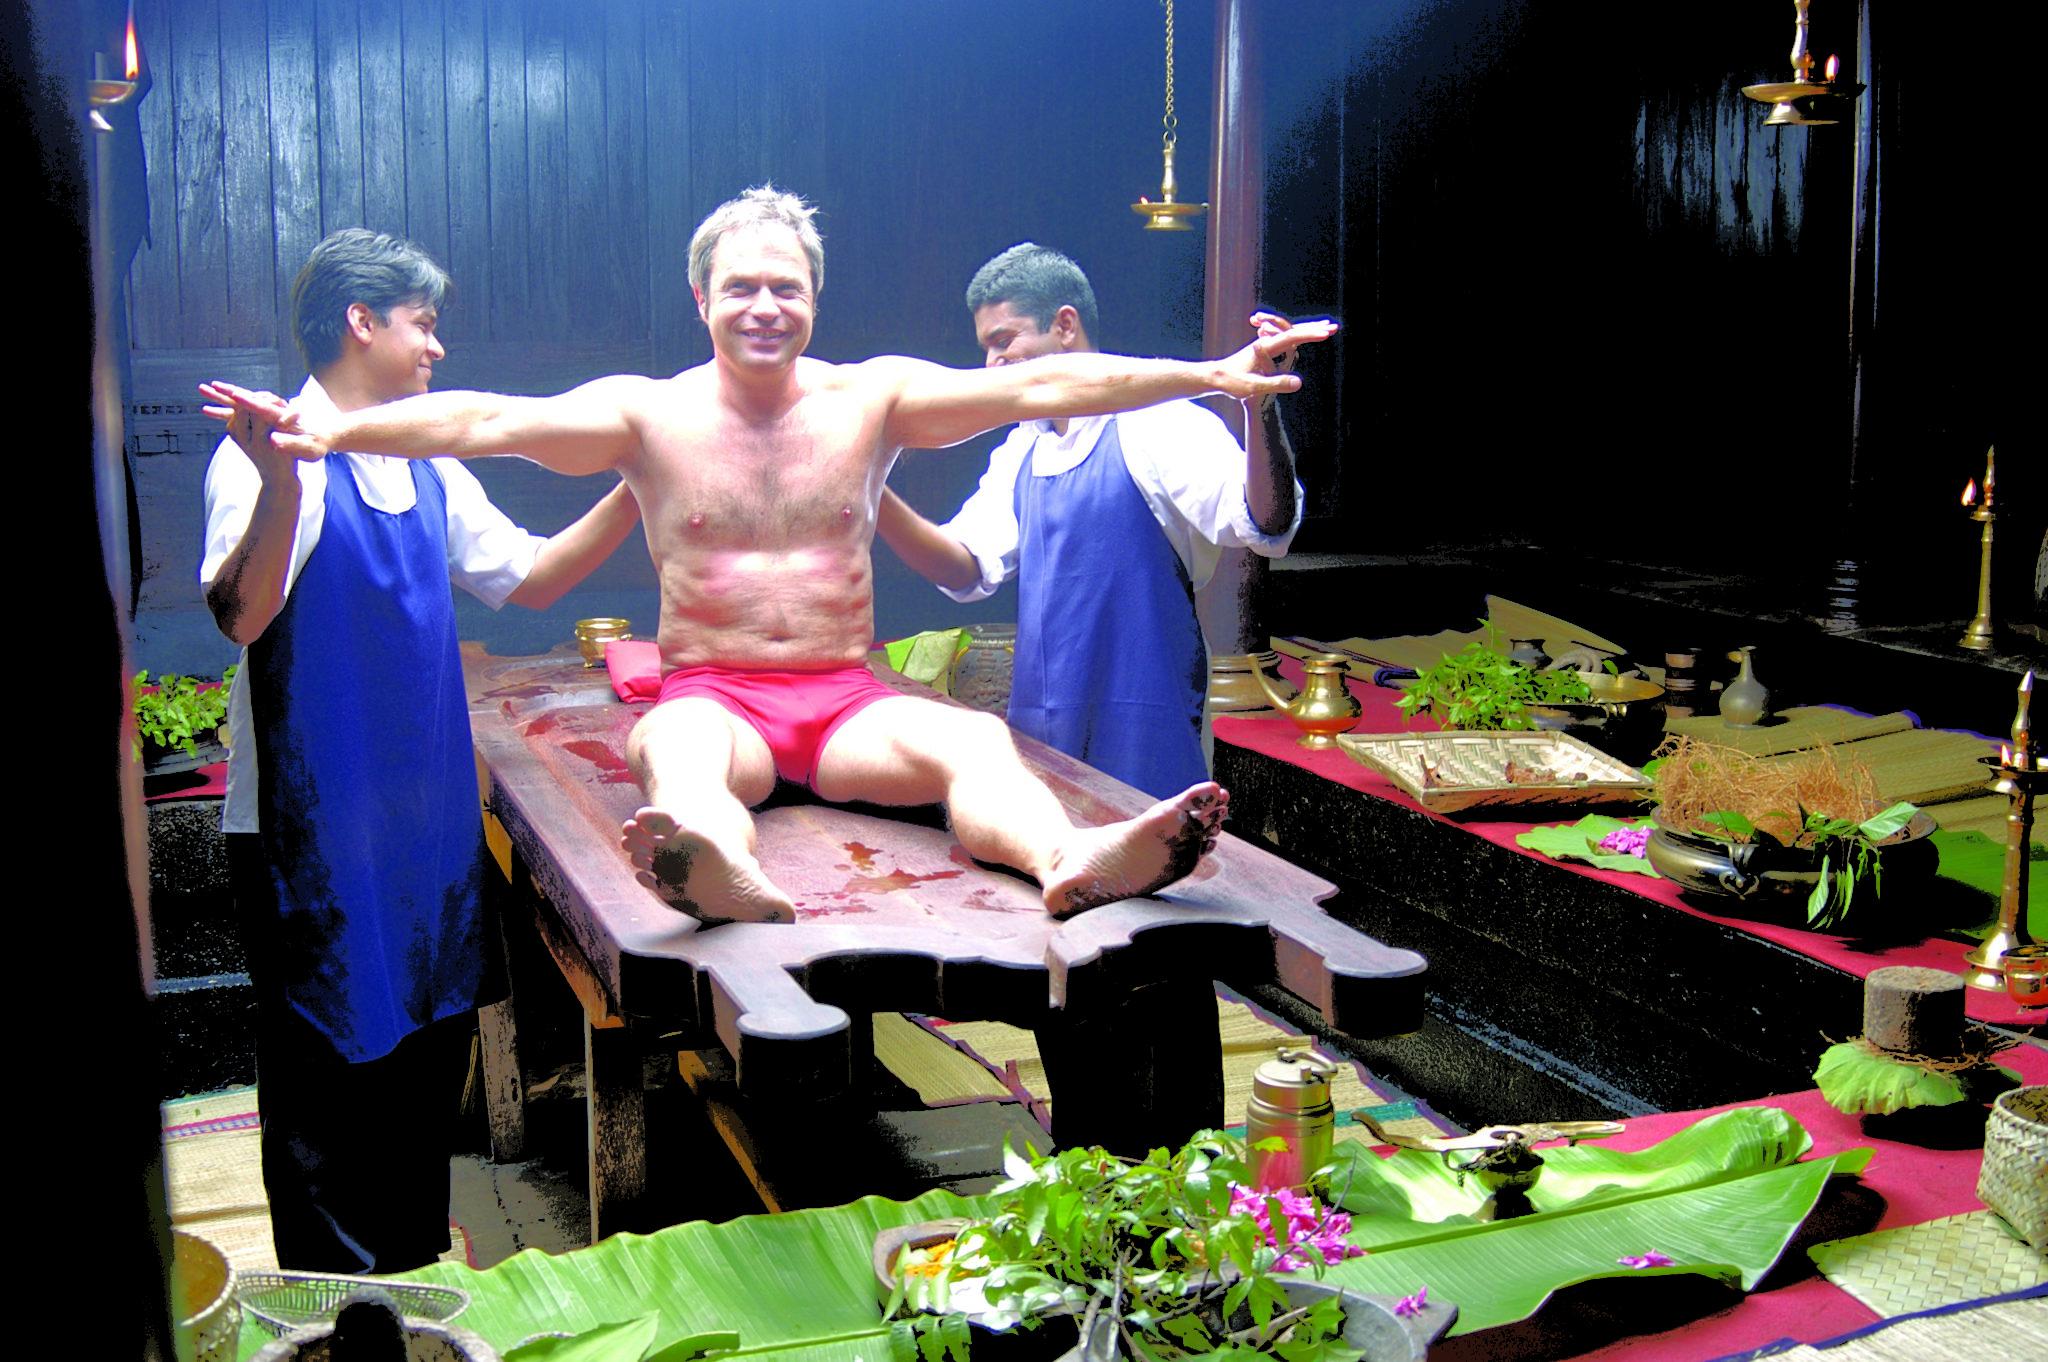 Kerala Tour Package - 2020-2021 - Man enjoying Ayurveda Massage